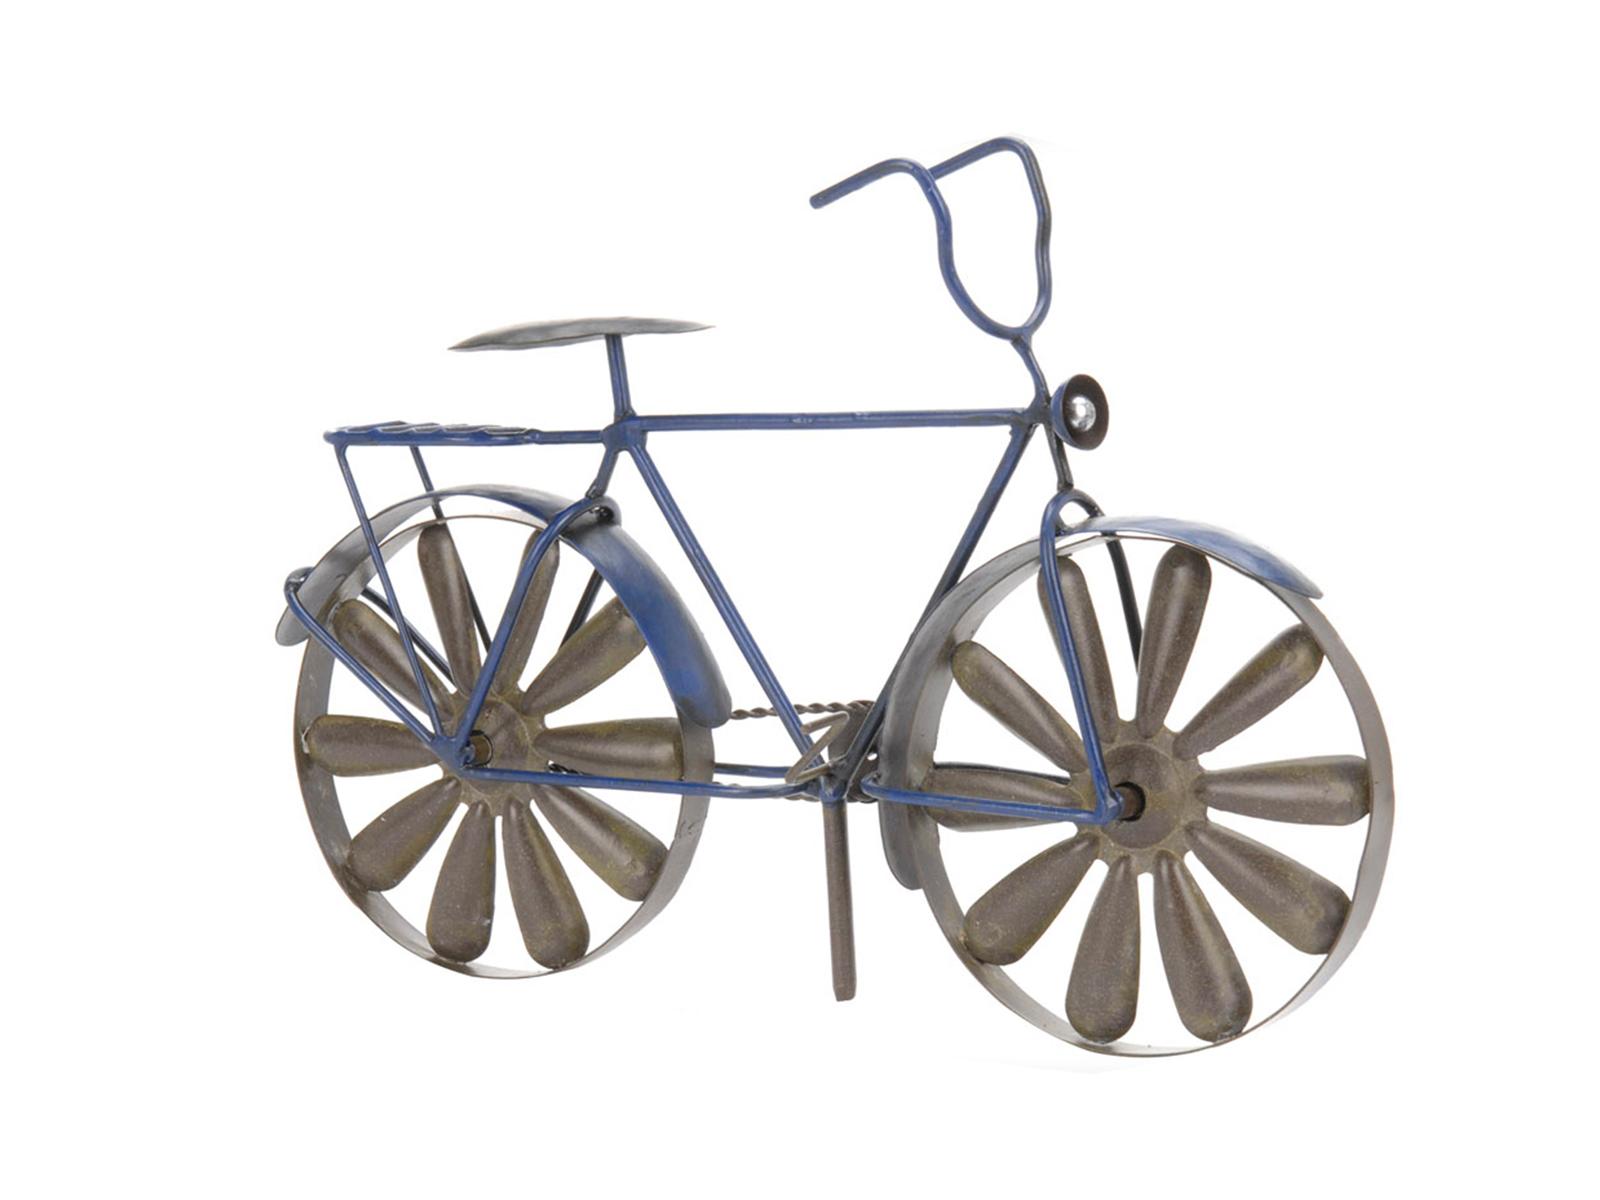 Декоративный ветряк WindmillДекор для сада<br>Декоратиный ветряк в форме велосипеда<br>